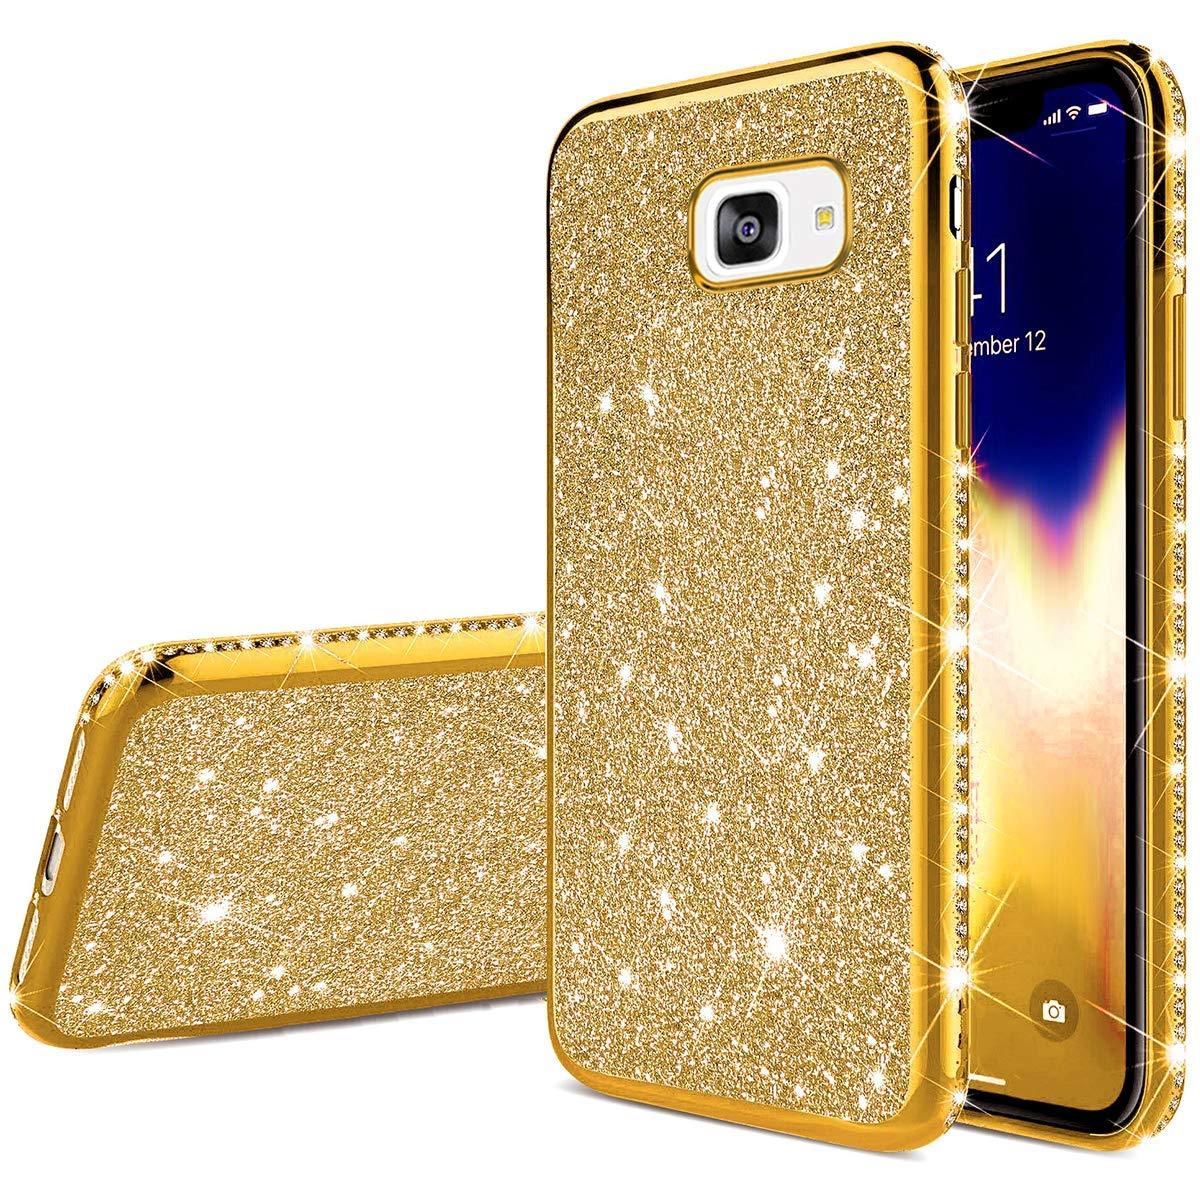 Herbests Kompatibel mit Samsung Galaxy A5 2017 H/ülle Glitzer M/ädchen Schuzh/ülle Kristall Bling Glitzer Strass Diamant /Überzug Ultra D/ünn Durchsichtige Transparent Silikon Handyh/ülle Tasche,Gold